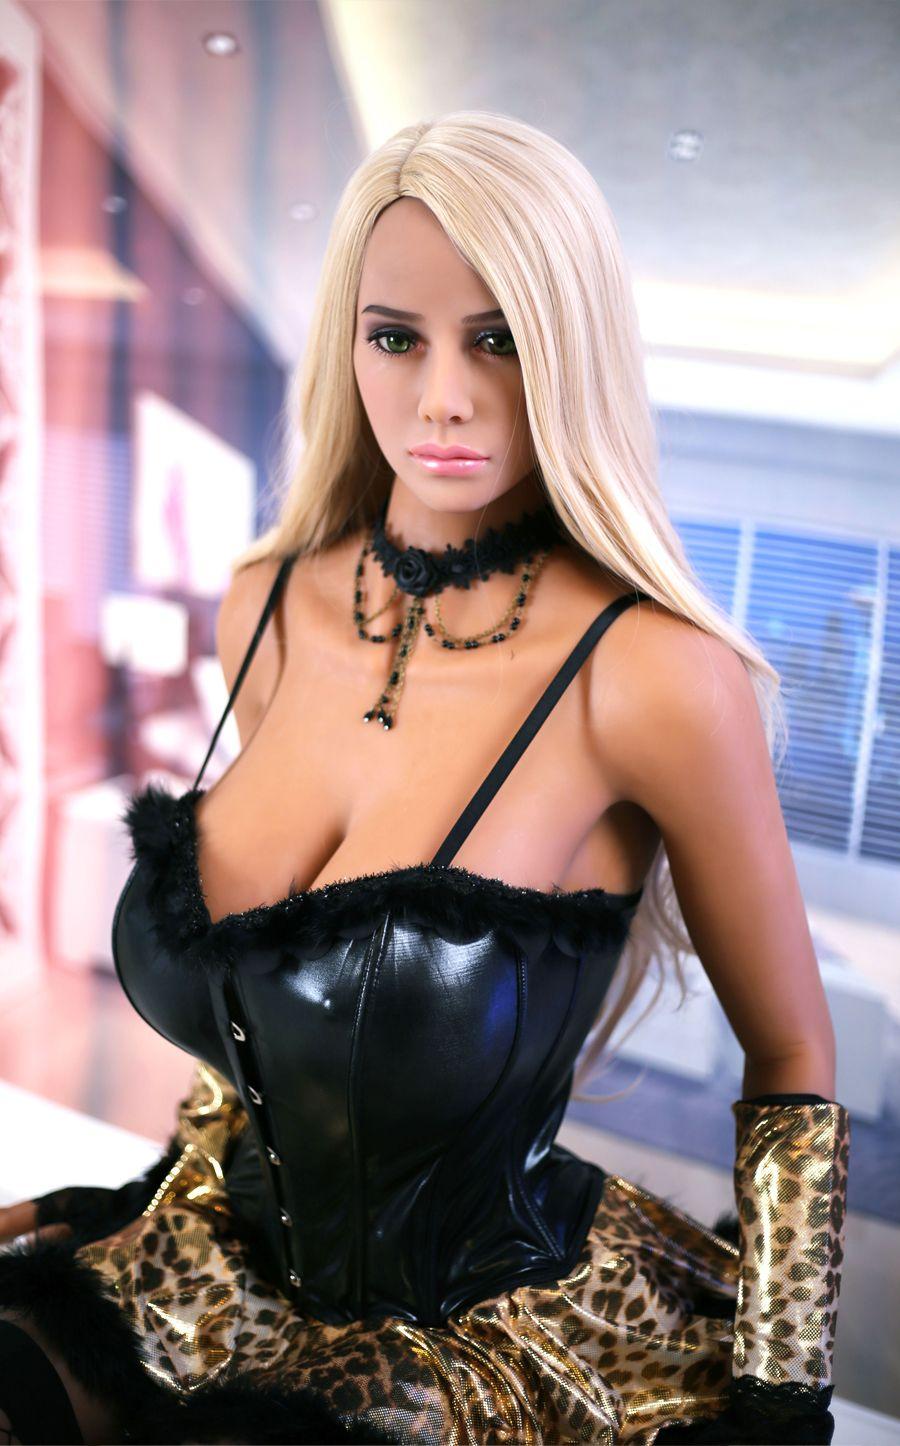 EU lager 158 cm Volle Größe der männer realistische sex puppe Lebensechte Europa blond Grün augen LIEBE puppe Voller Skelett und TPE